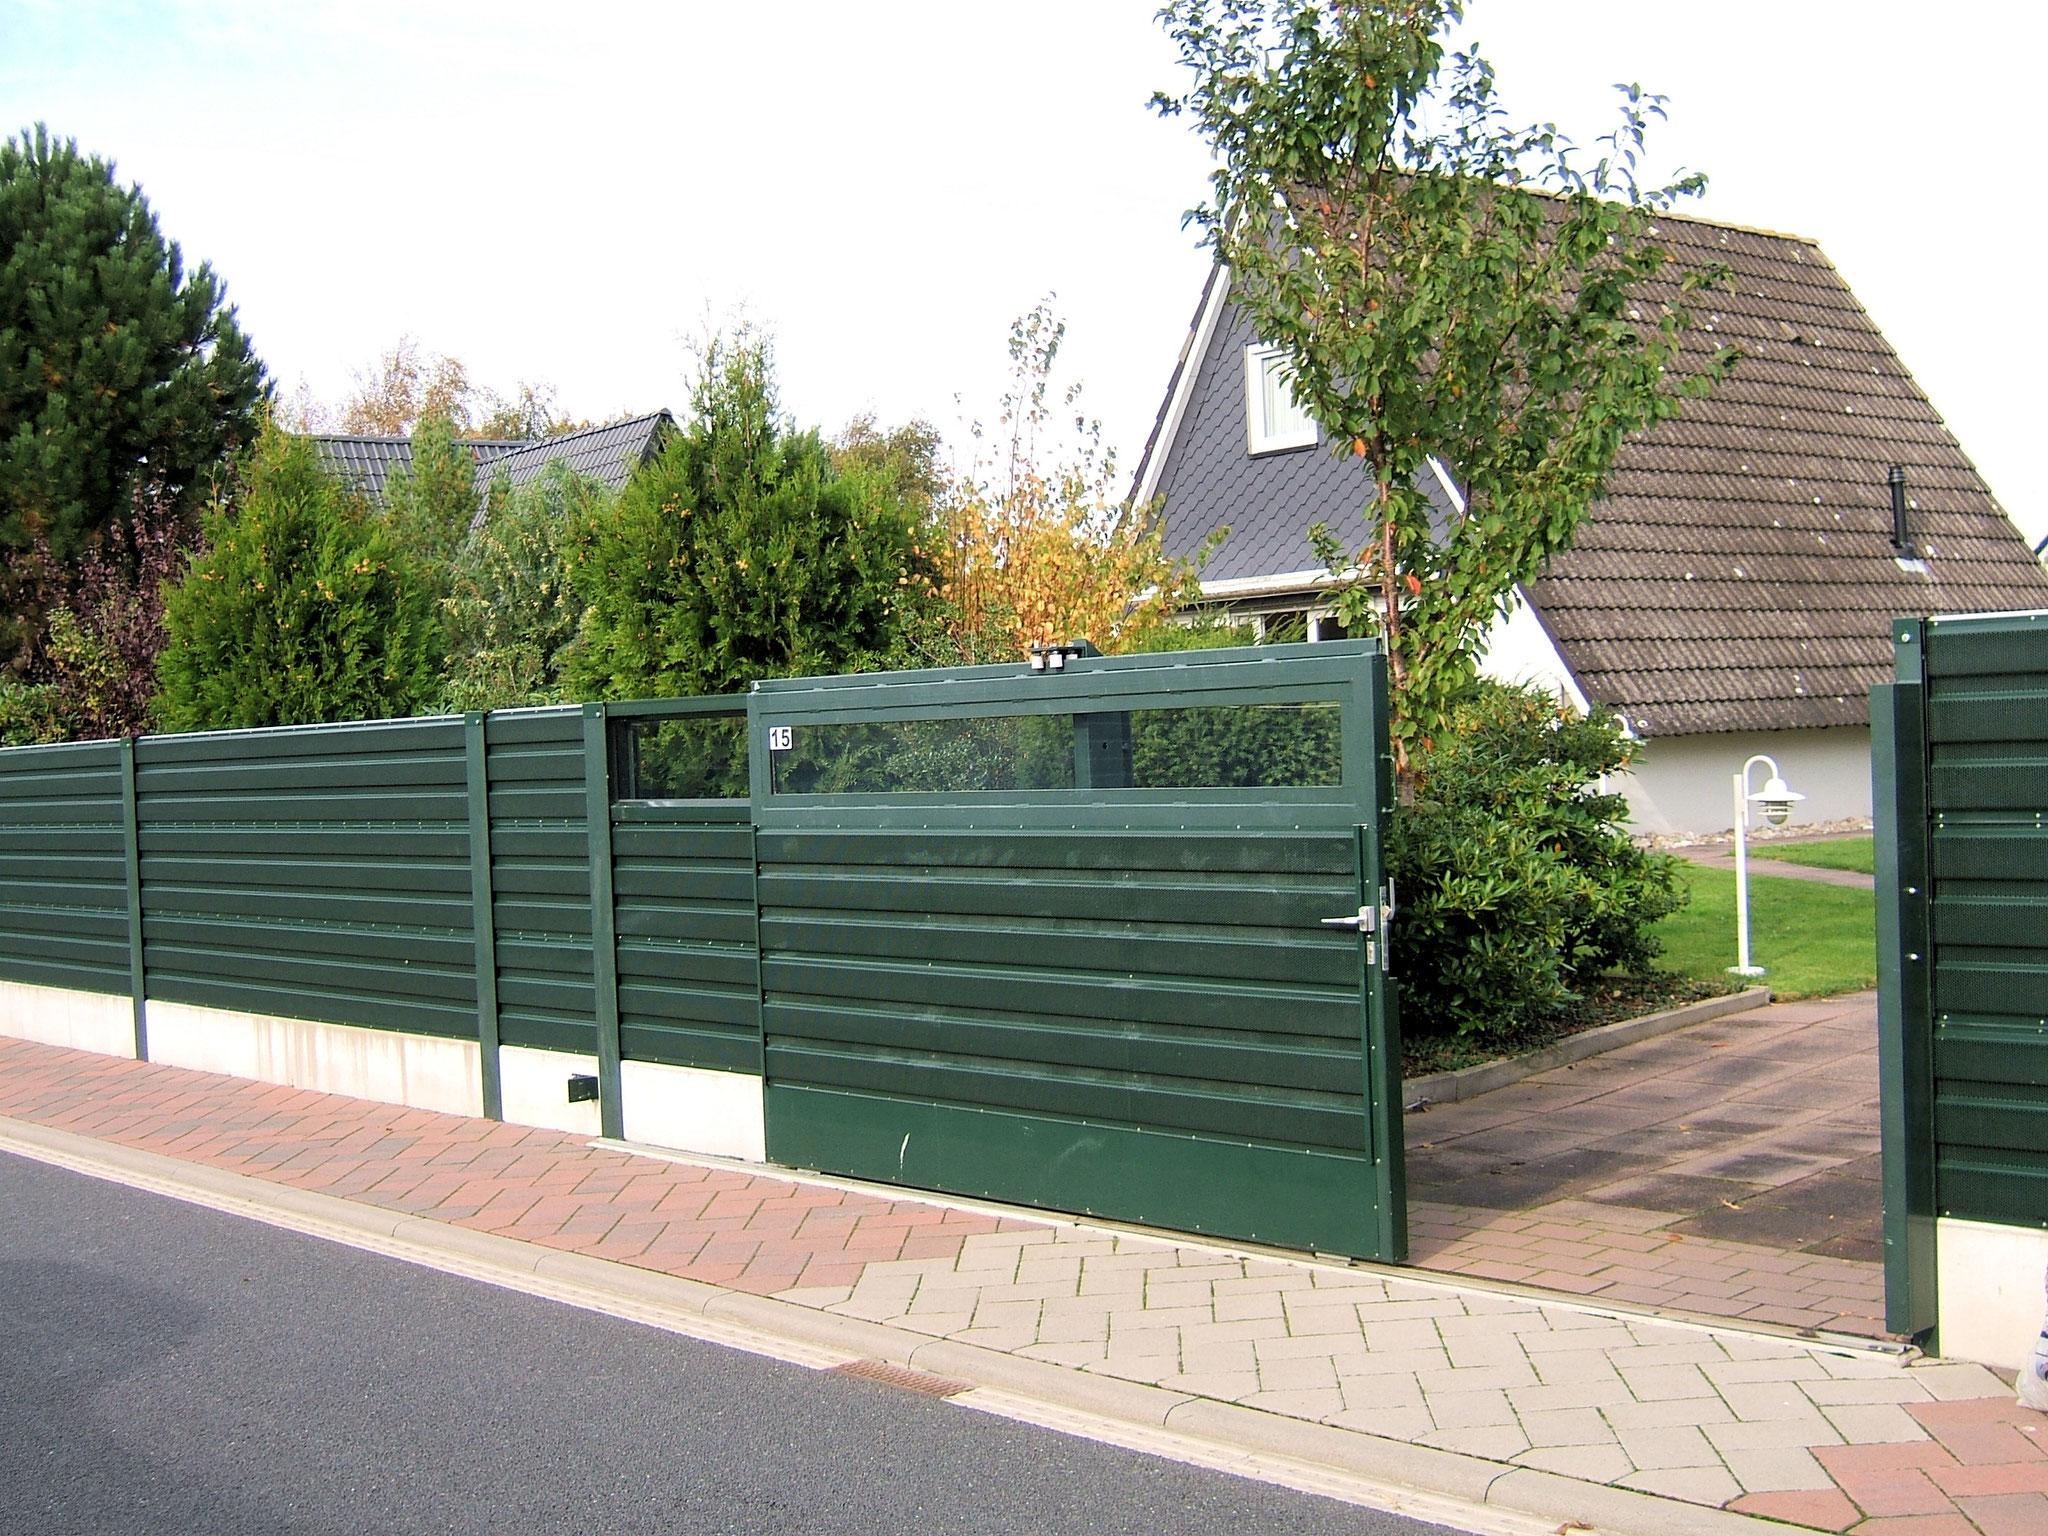 Ferienhaus am Kampweg in Duhnen, nah am Ringwall und Christian- Brütt- Weg gelegen